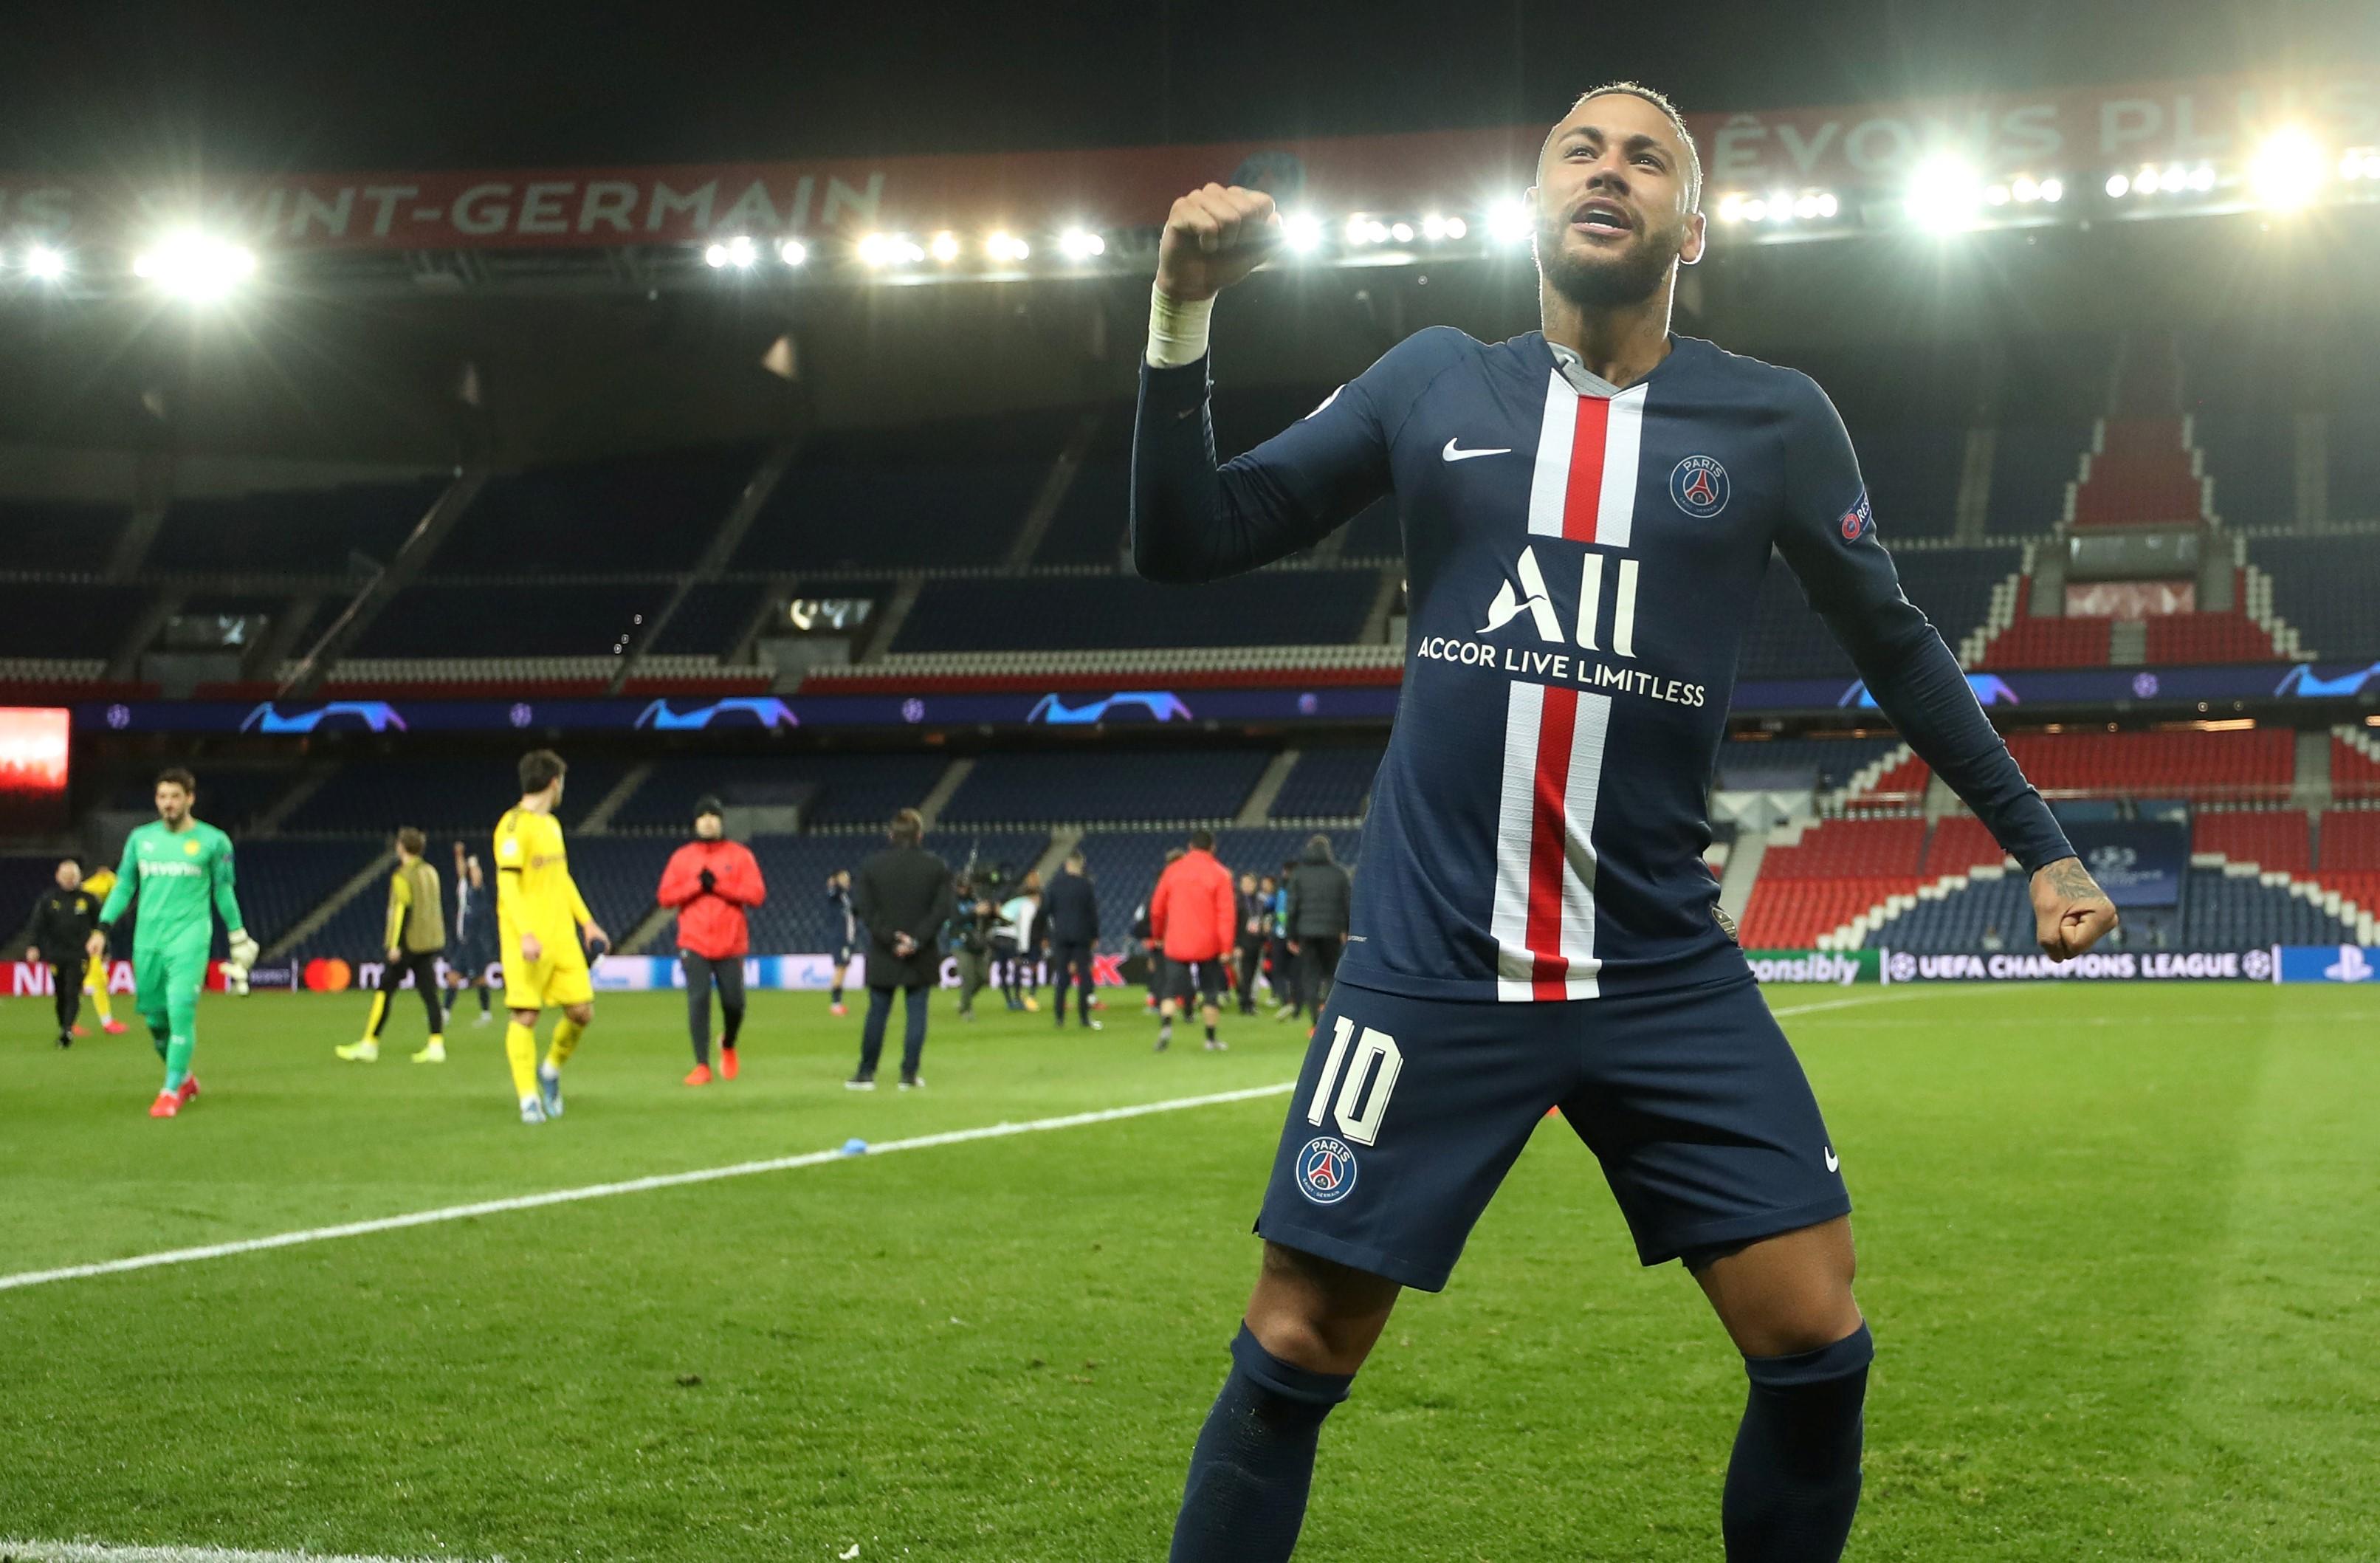 Football - Transferts - Le Barça n'oublie pas Neymar, Paris fixe un prix